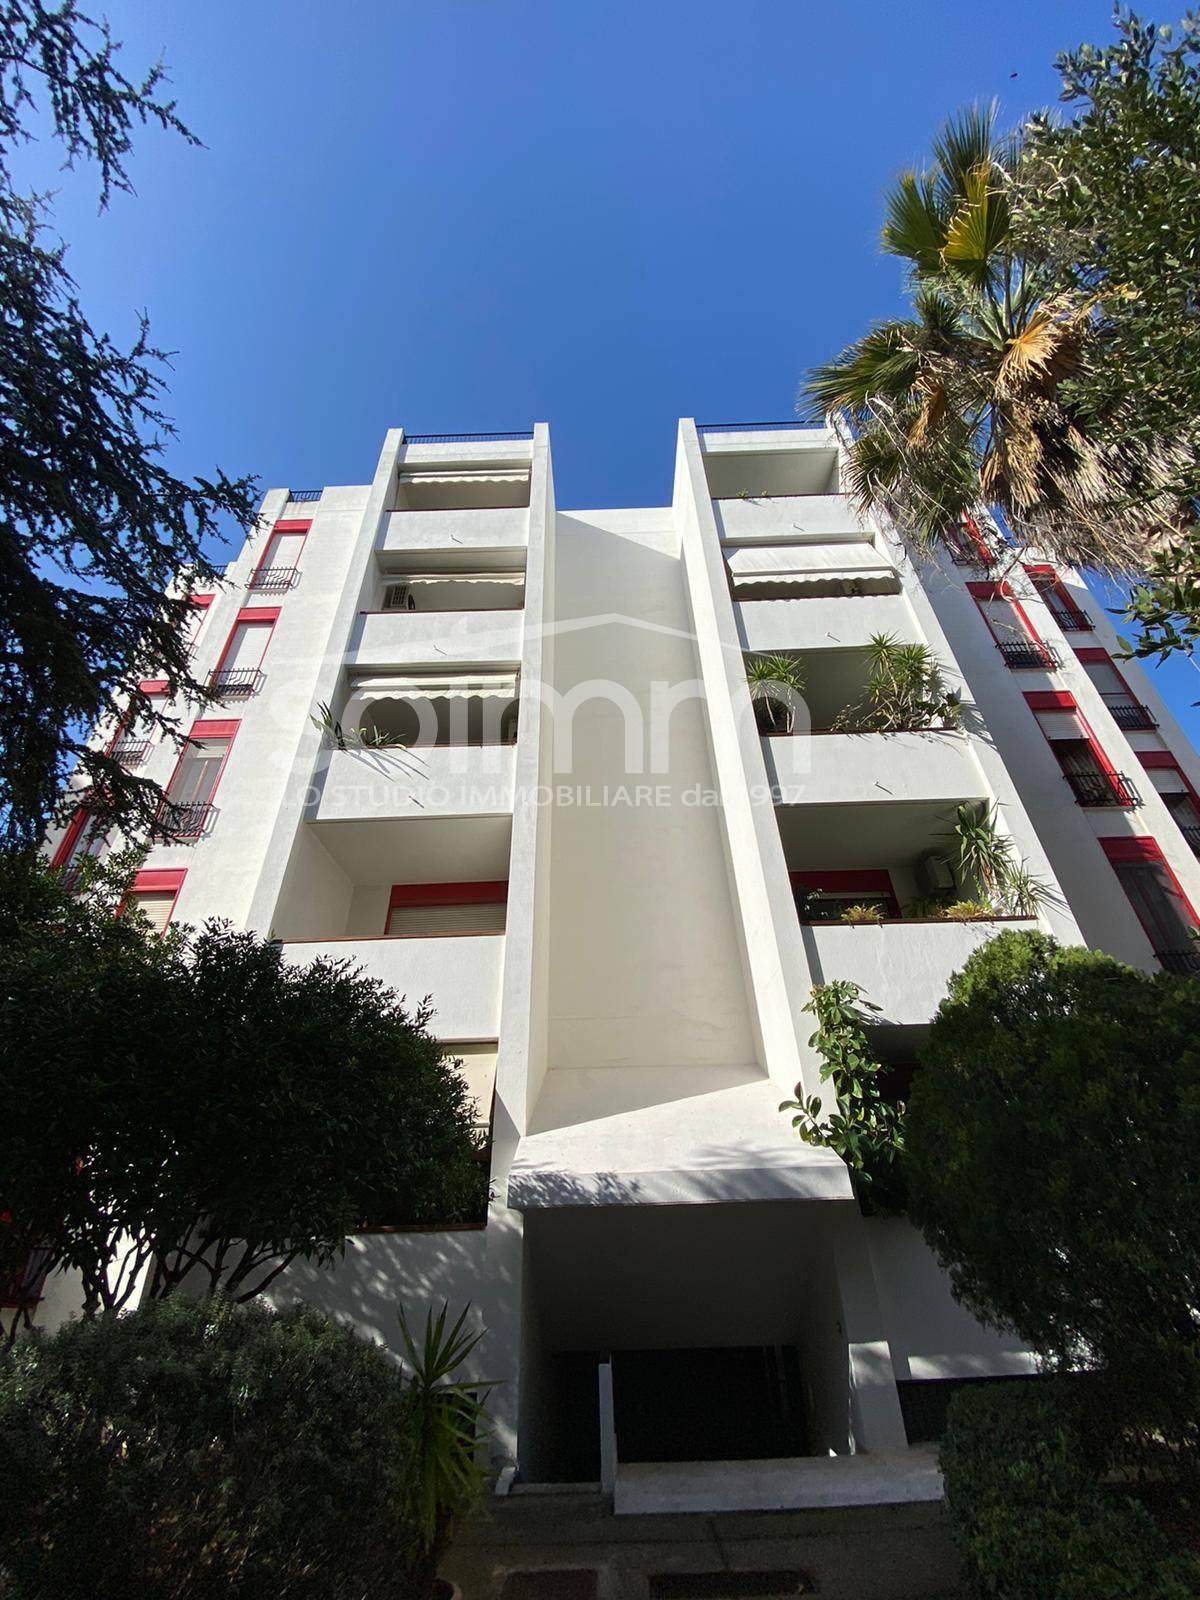 Appartamento in Vendita a Cagliari - Cod. AO235